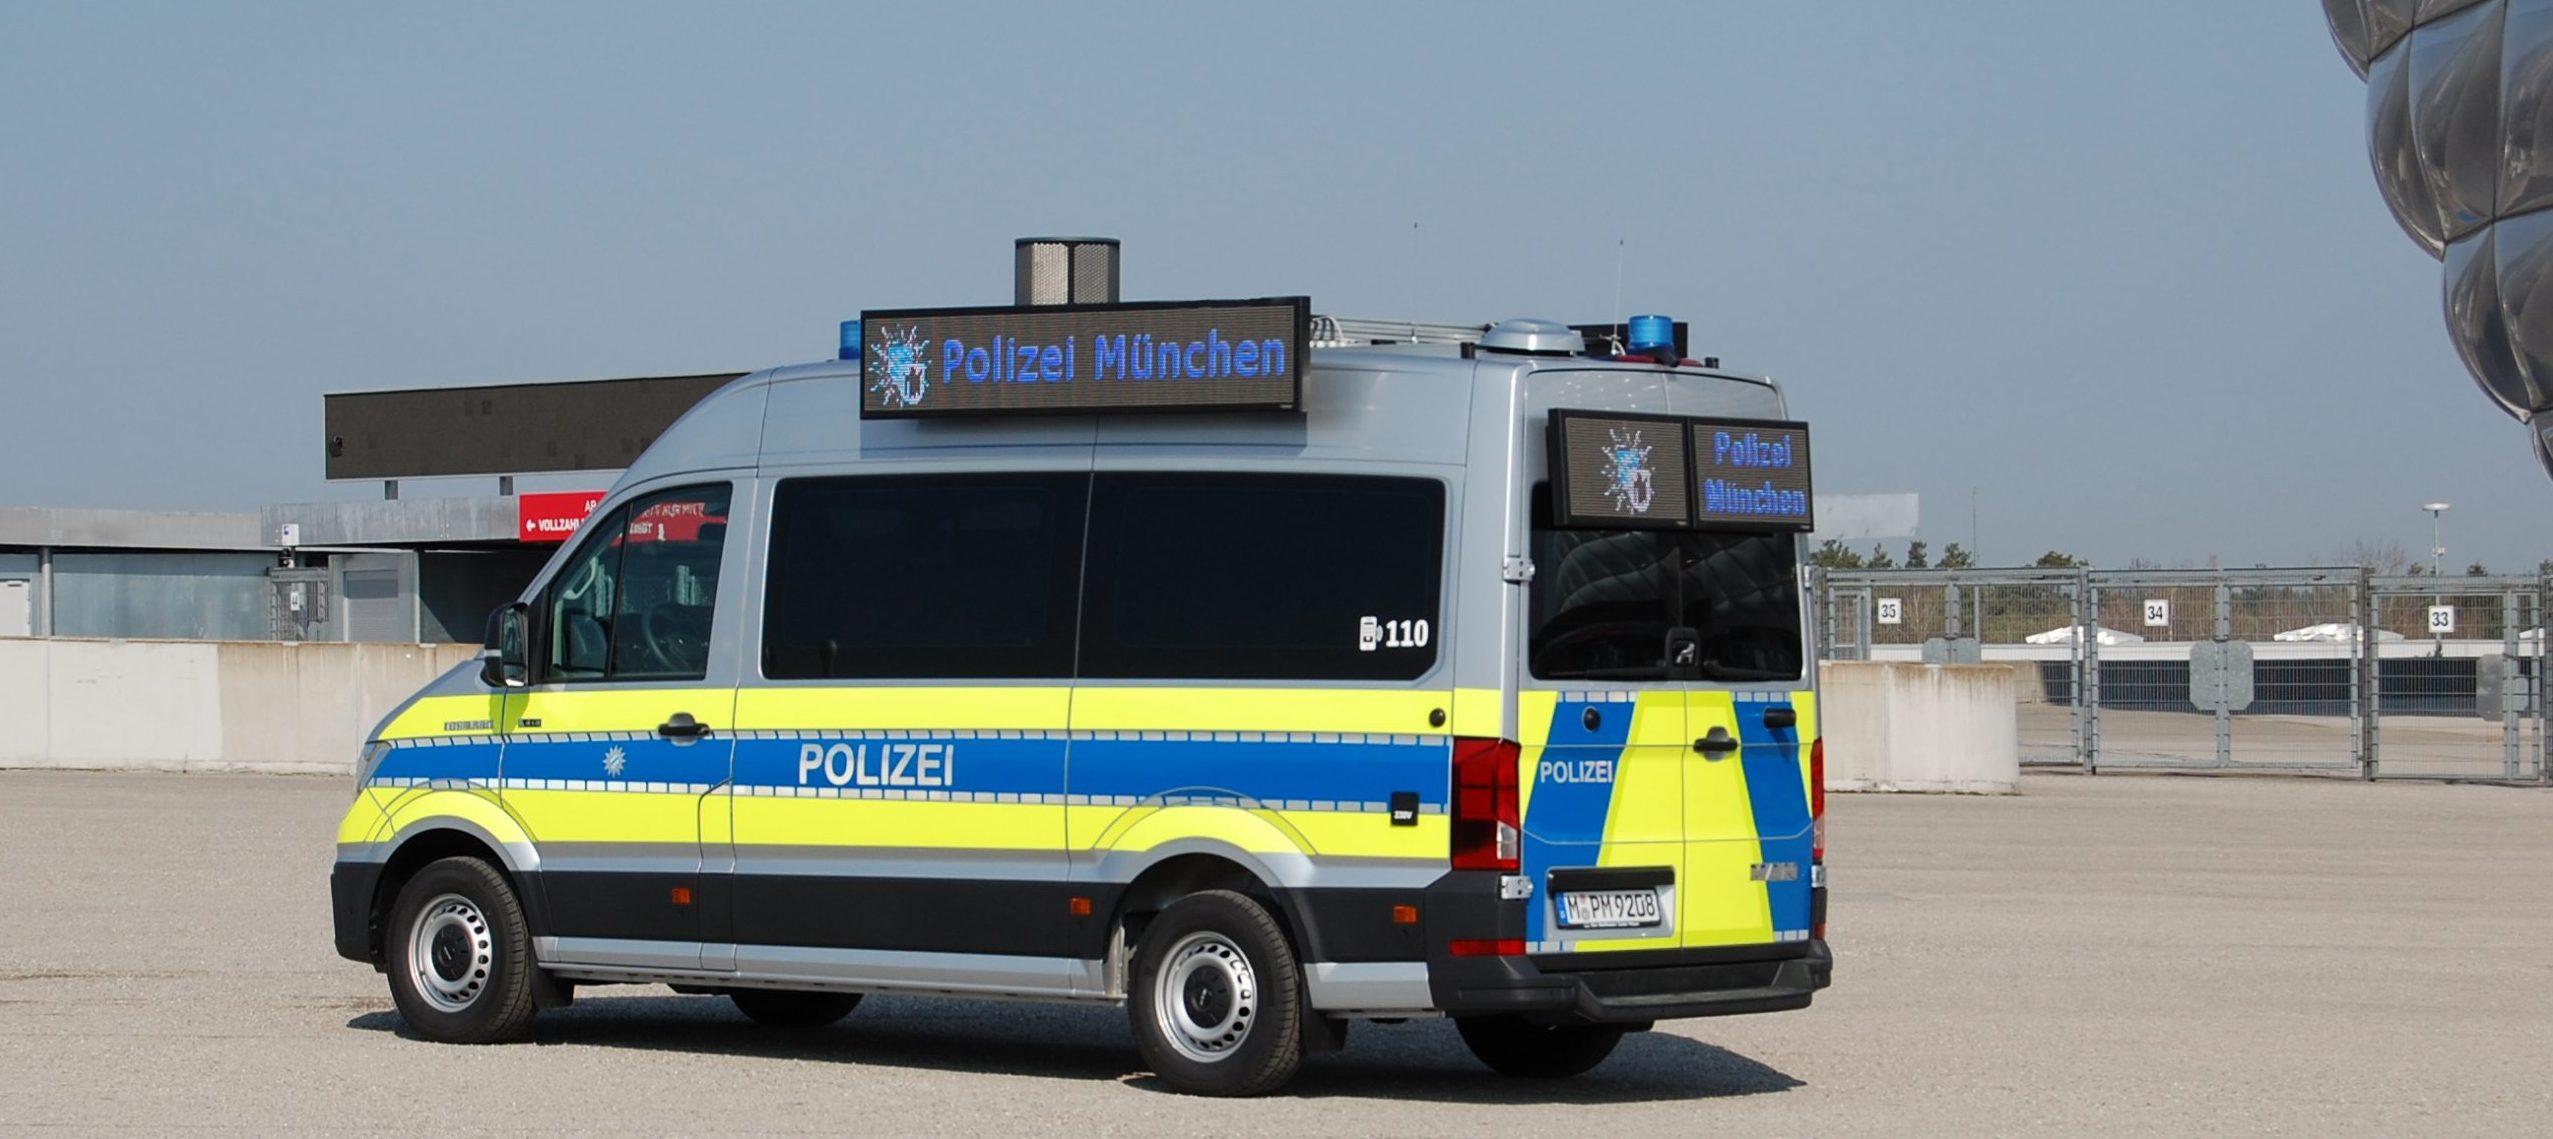 LauKw Lautsprecherkraftwagen Lautsprecherwagen Polizei München